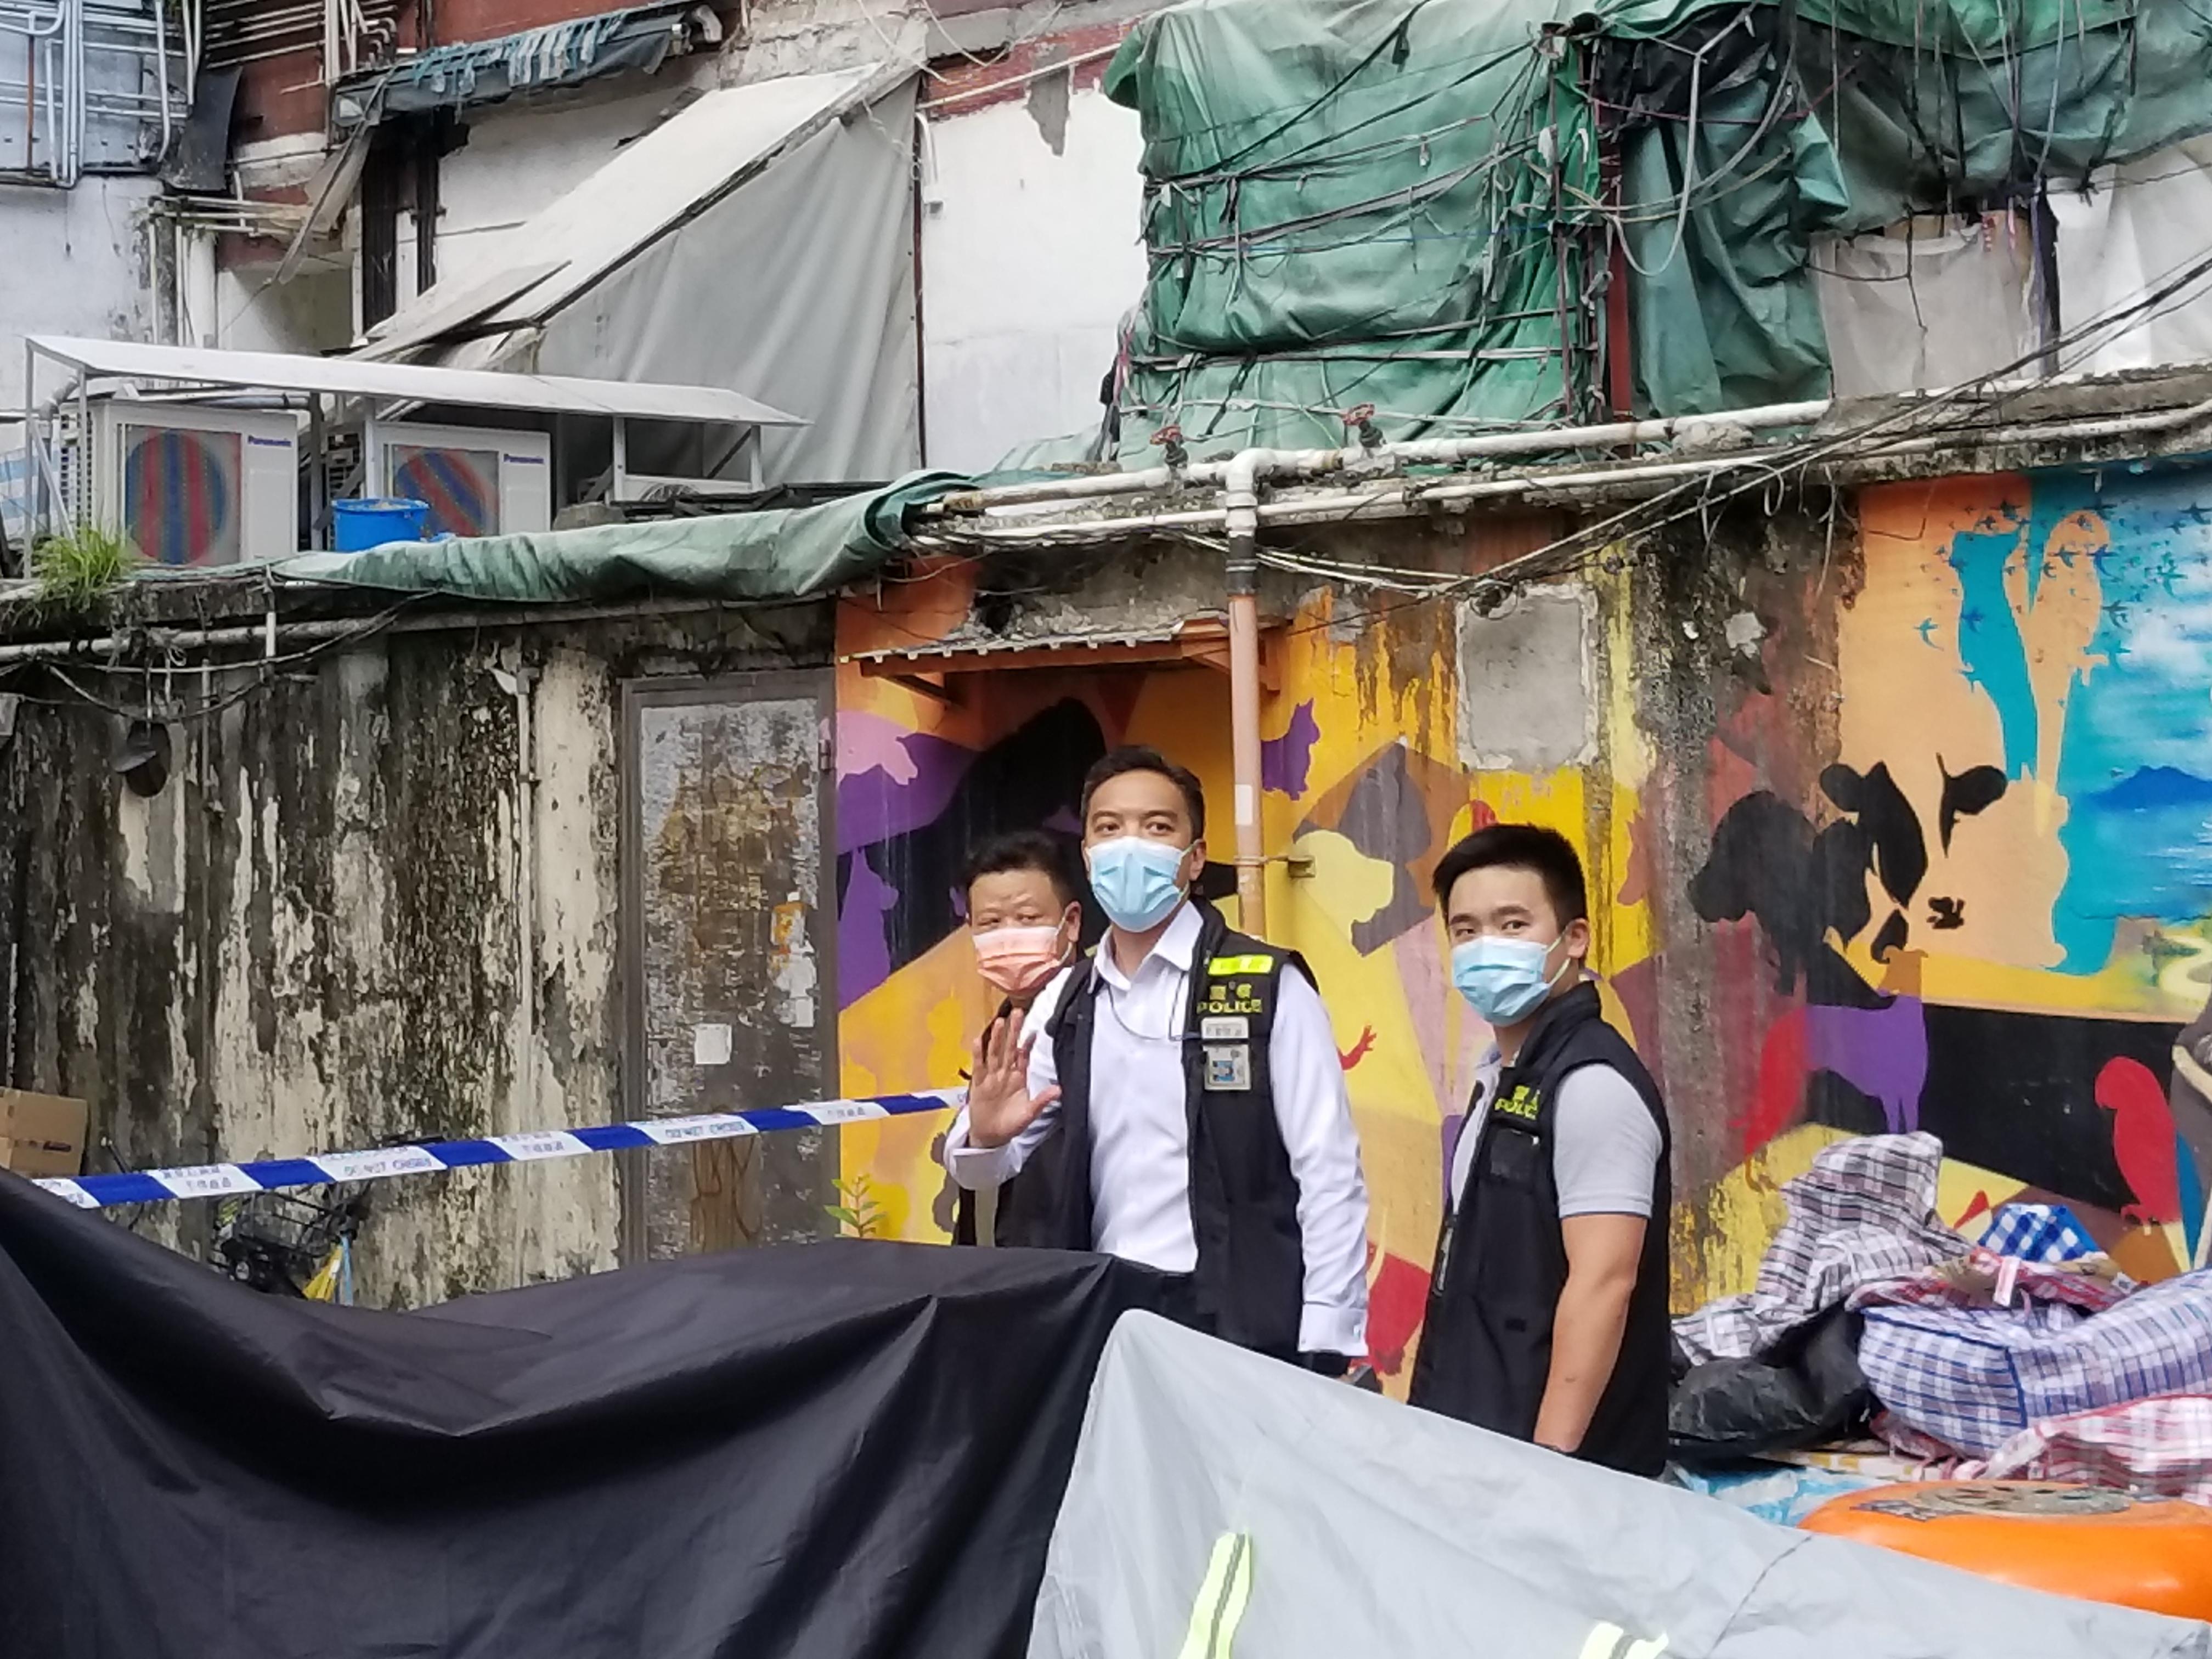 【追蹤報道】大埔火警3死者均有刀傷 六旬男傷者被捕